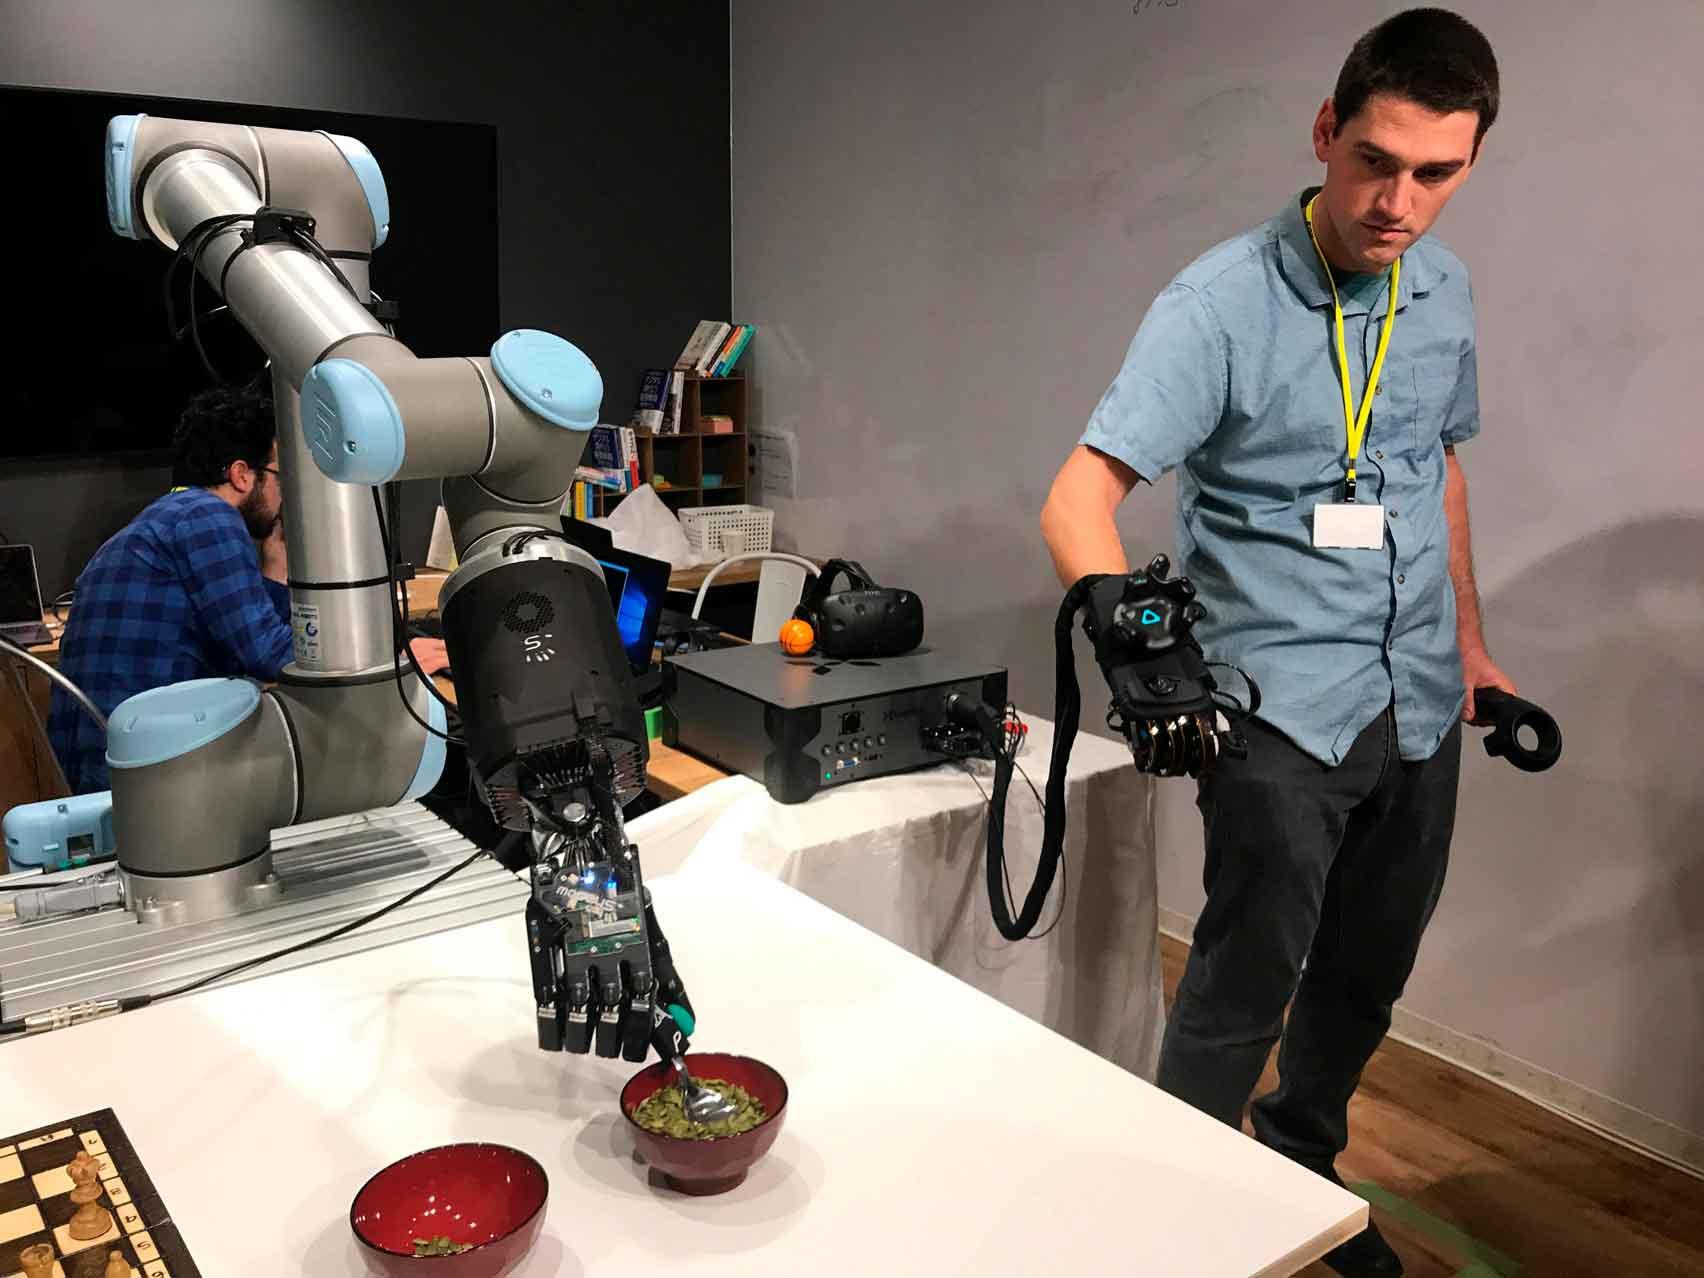 Ощущать на расстоянии возможно роботизированной рукой